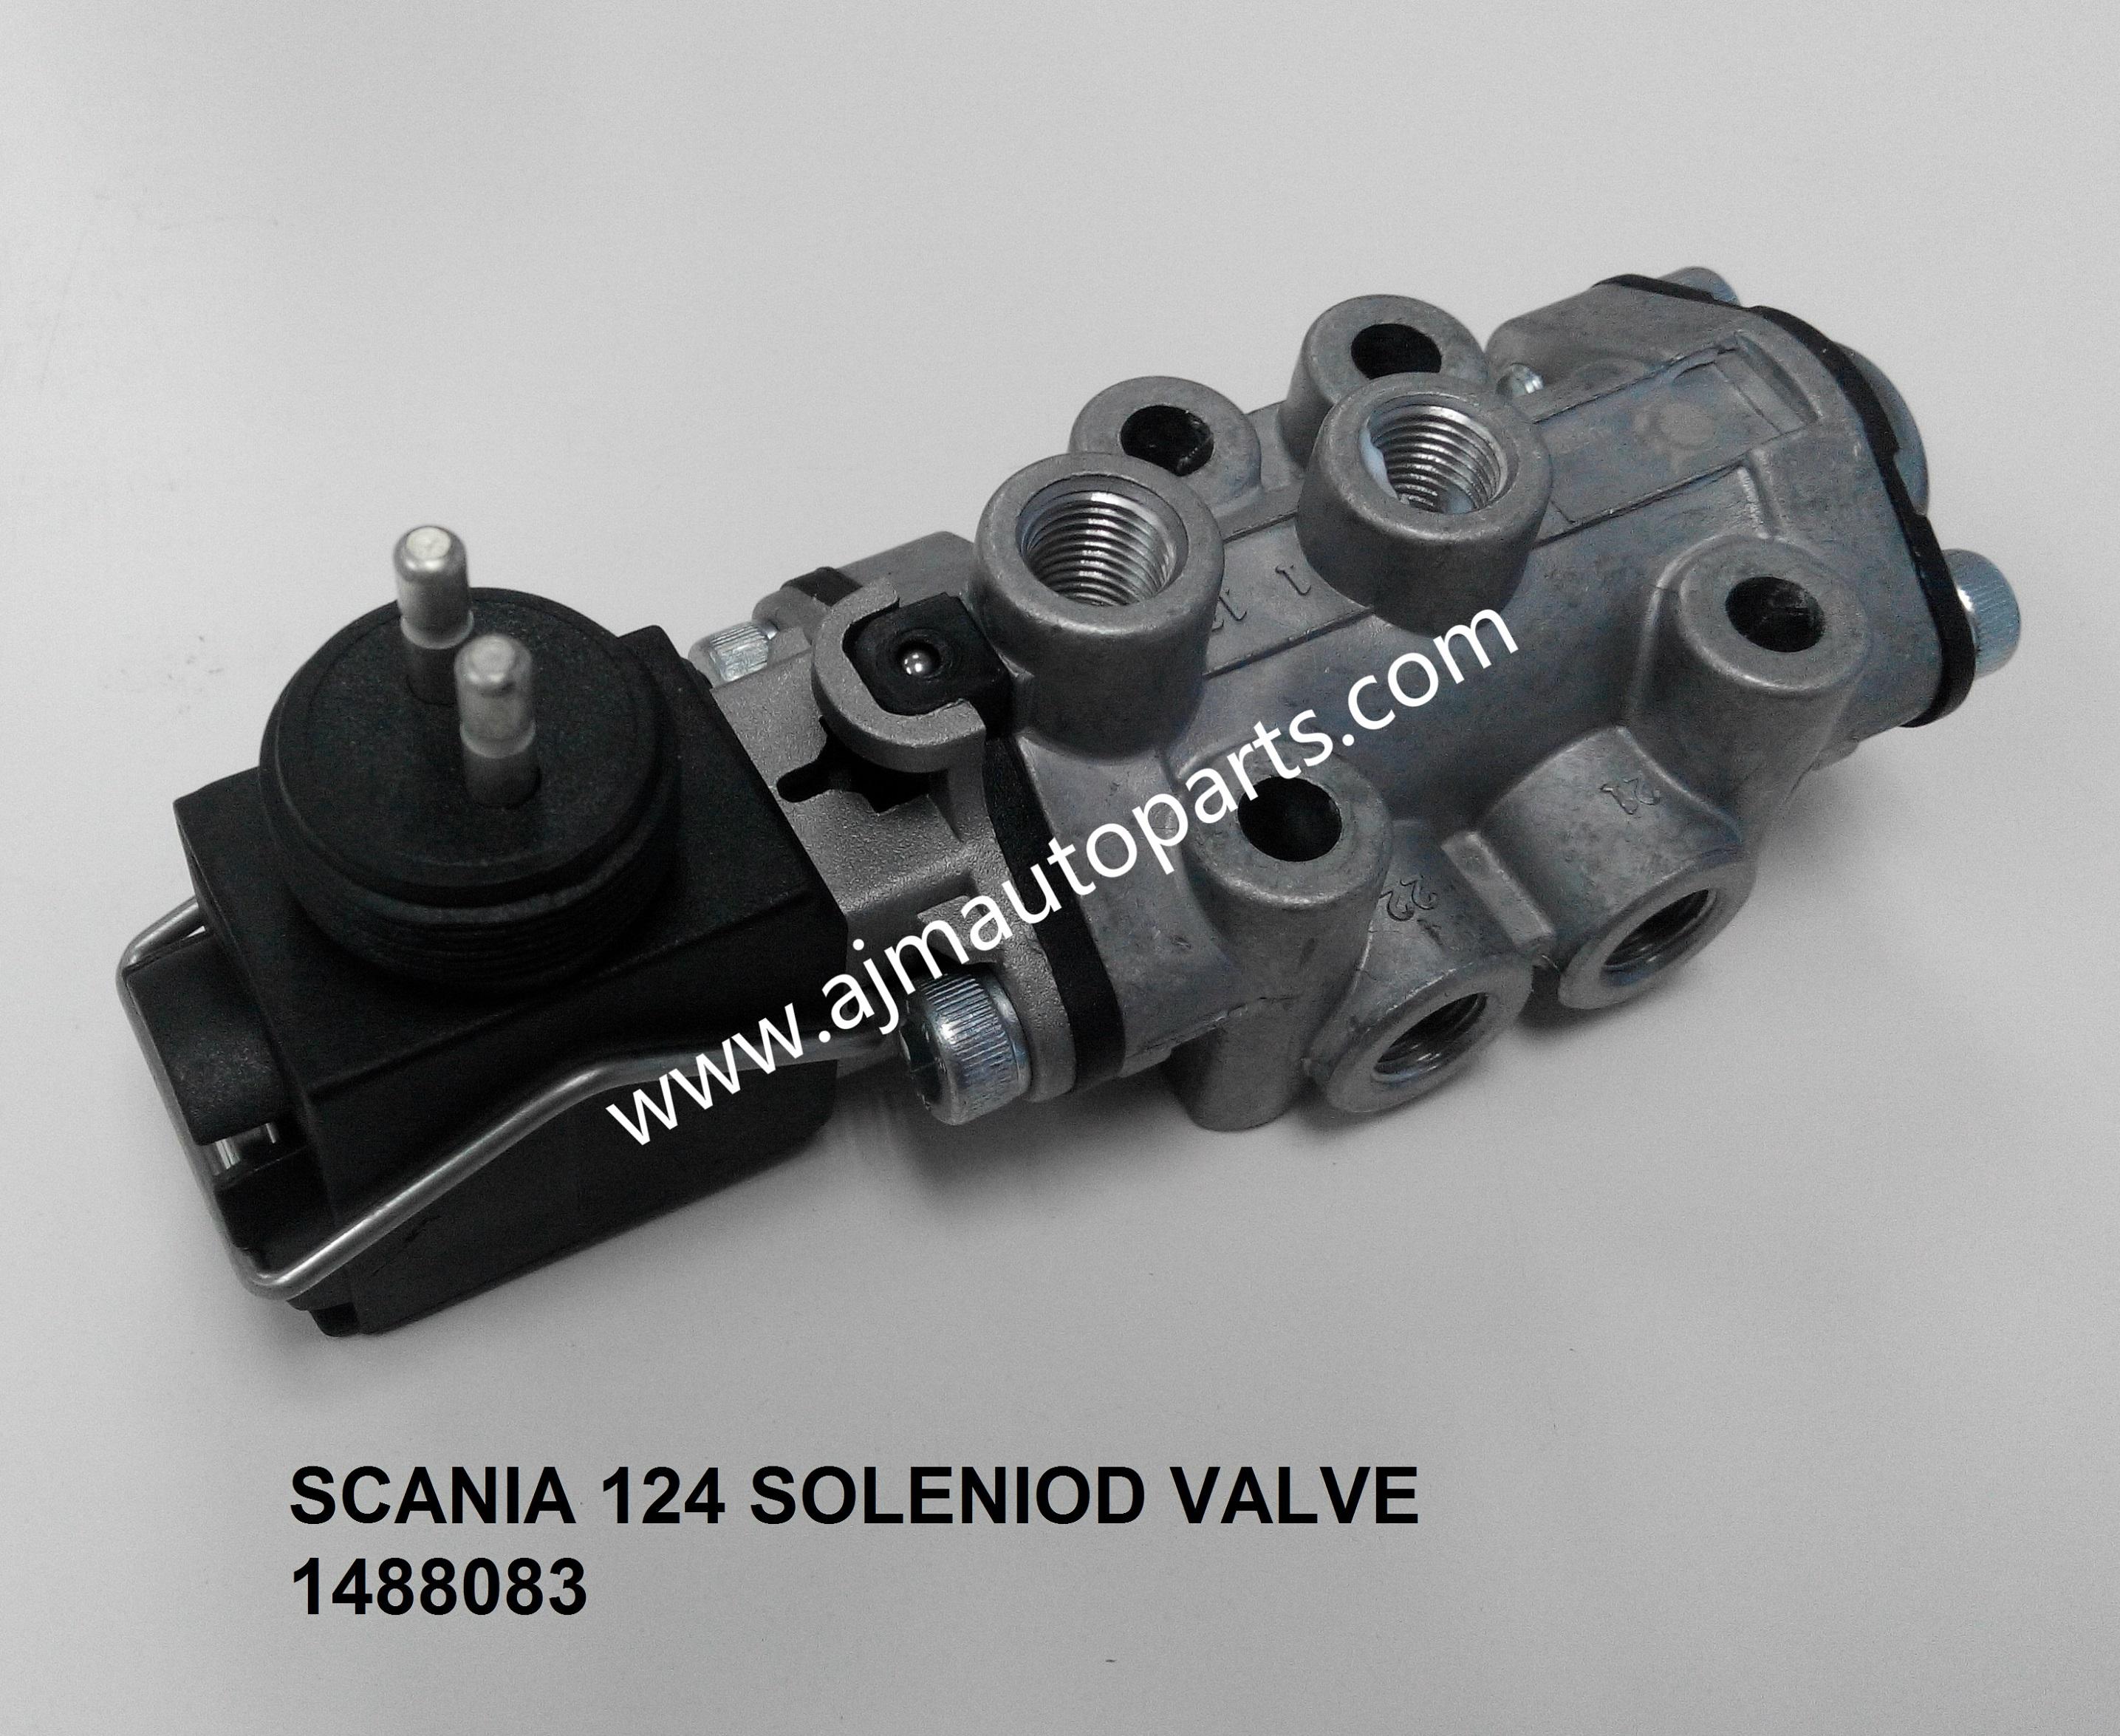 SCANIA_124_SOLENIOD_VALVE-1488083